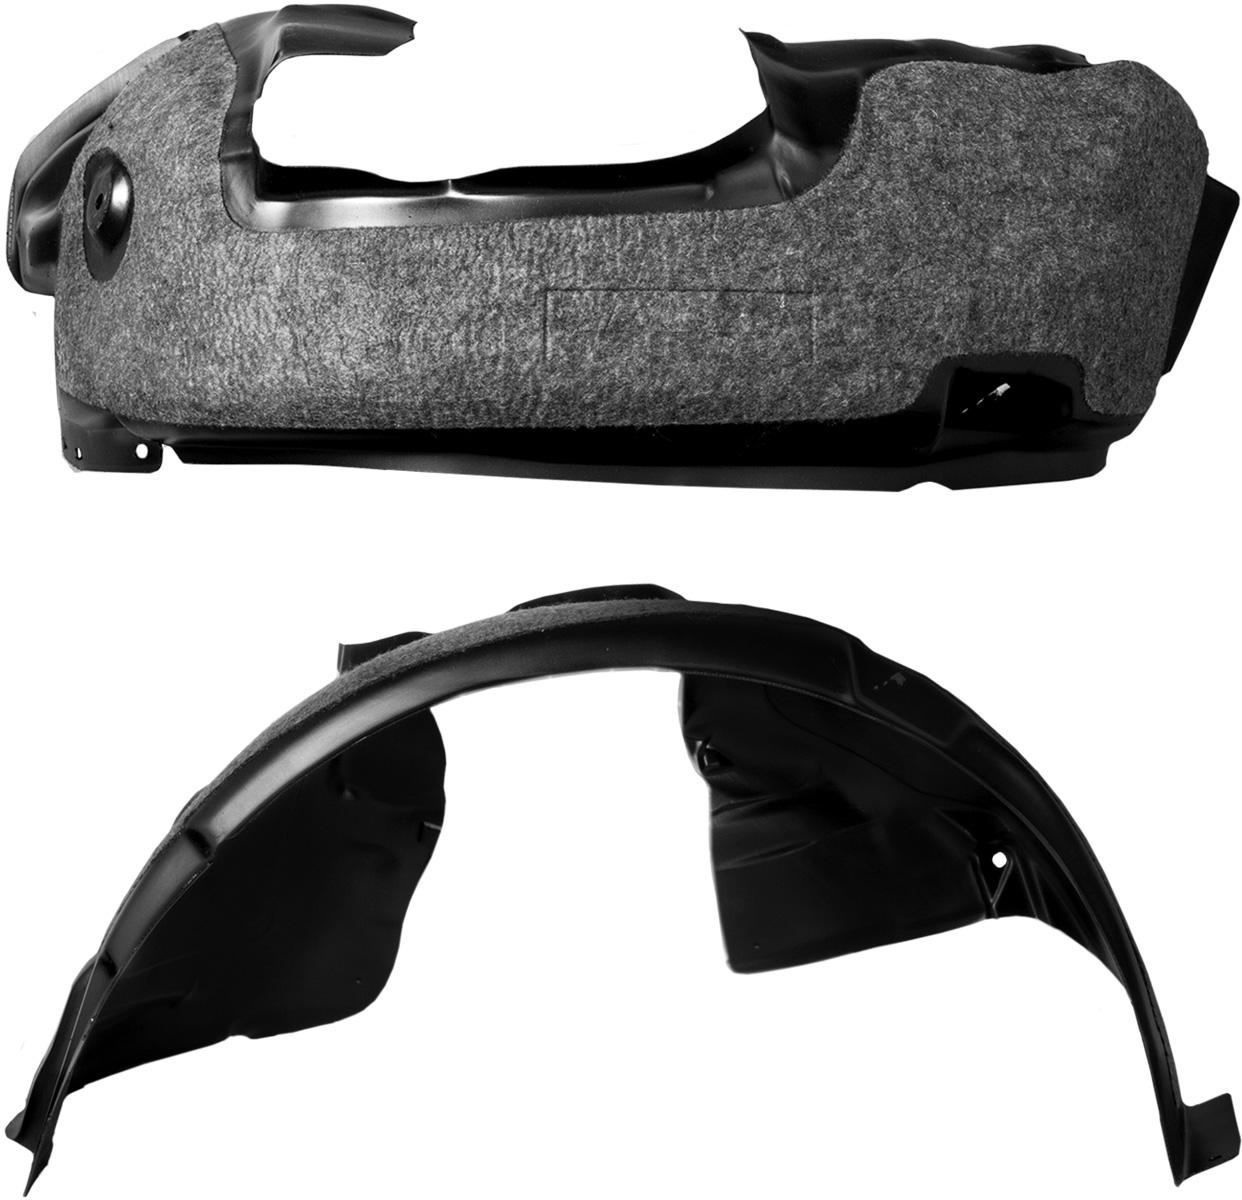 Подкрылок с шумоизоляцией Novline-Autofamily, для Peugeot Boxer, 08/2014 ->, без/с расширителями арок (задний левый)NLS.38.20.003Подкрылок с шумоизоляцией - революционный продукт, совмещающий в себе все достоинства обычного подкрылка, и в то же время являющийся одним из наиболее эффективных средств борьбы с внешним шумом в салоне автомобиля. Подкрылки бренда Novline-Autofamily разрабатываются индивидуально для каждого автомобиля с использованием метода 3D-сканирования.В качестве шумоизолирующего слоя применяется легкое синтетическое нетканое полотно толщиной 10 мм, которое отталкивает влагу, сохраняет свои шумоизоляционные свойства на протяжении всего периода эксплуатации.Подкрылки с шумоизоляцией не имеют эксплуатационных ограничений и устанавливаются один раз на весь срок службы автомобиля.Подкрылки с шумоизоляцией не имеют аналогов и являются российским изобретением, получившим признание во всём мире. Уважаемые клиенты! Обращаем ваше внимание, фото может не полностью соответствовать оригиналу.